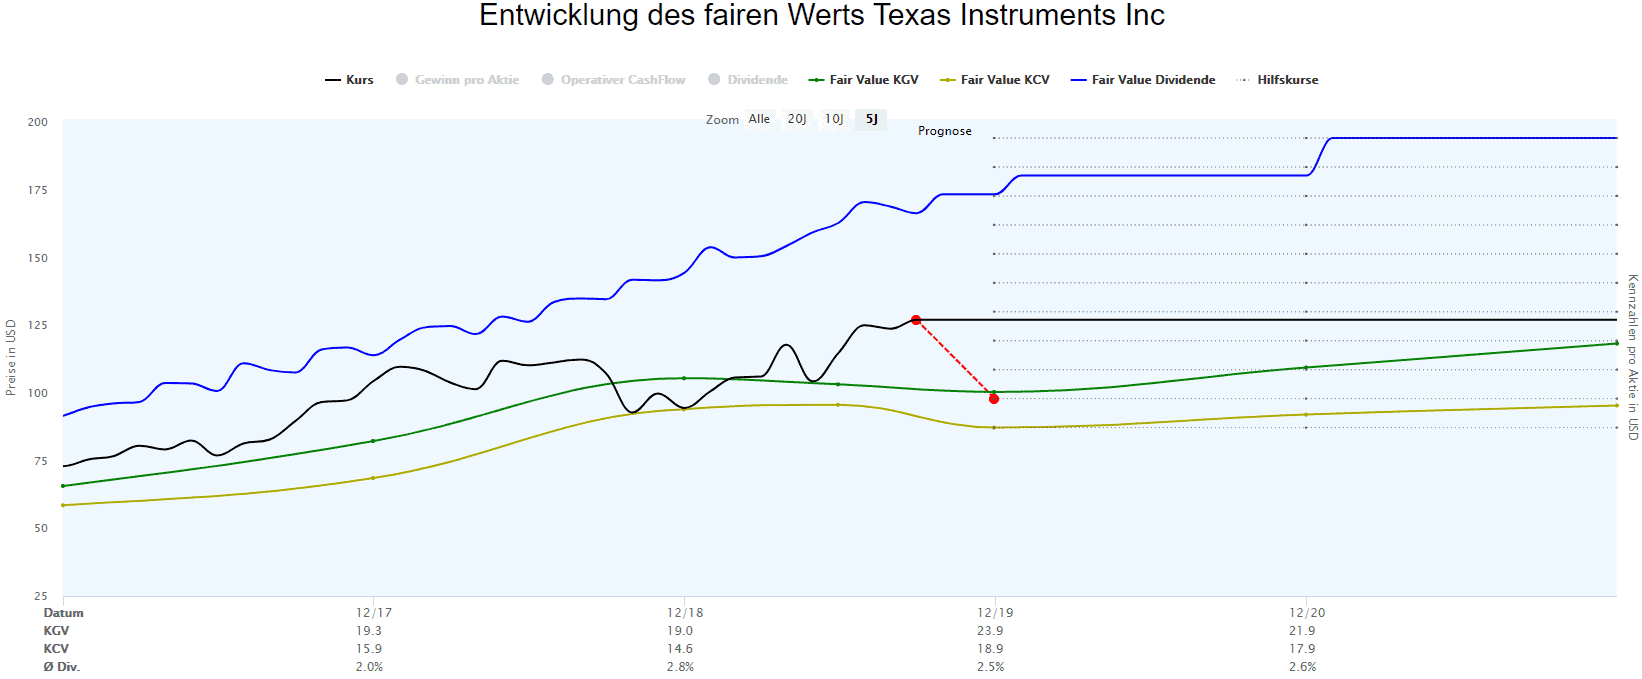 Berechnungen des fairen Werts für Texas Instruments